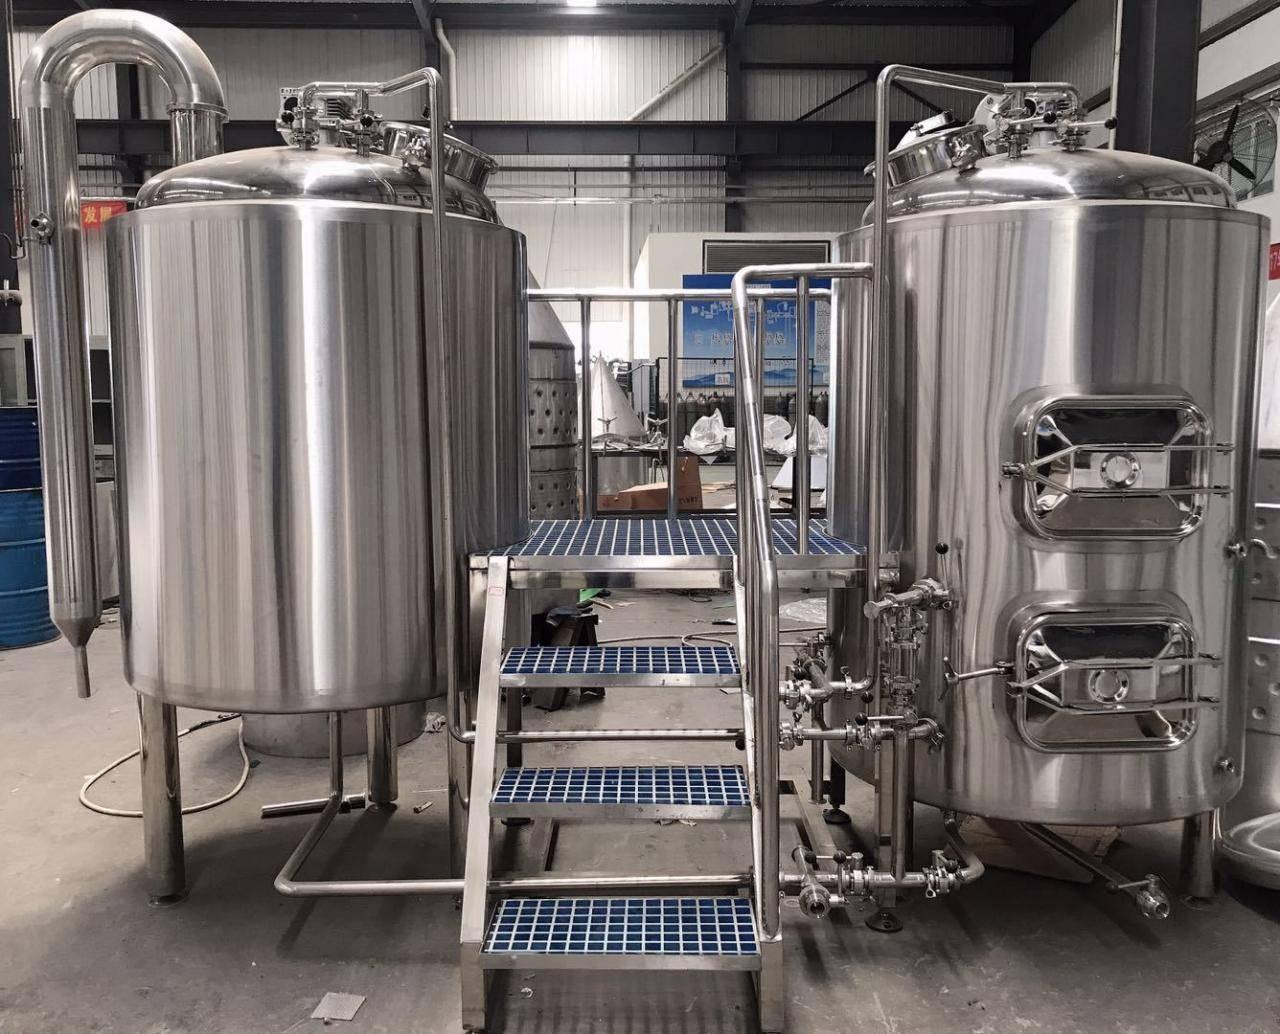 精酿啤酒机器厂家-哪个精酿啤酒设备制造商更专业?在哪里?-大麦丫-精酿啤酒连锁超市,工厂店平价酒吧免费加盟